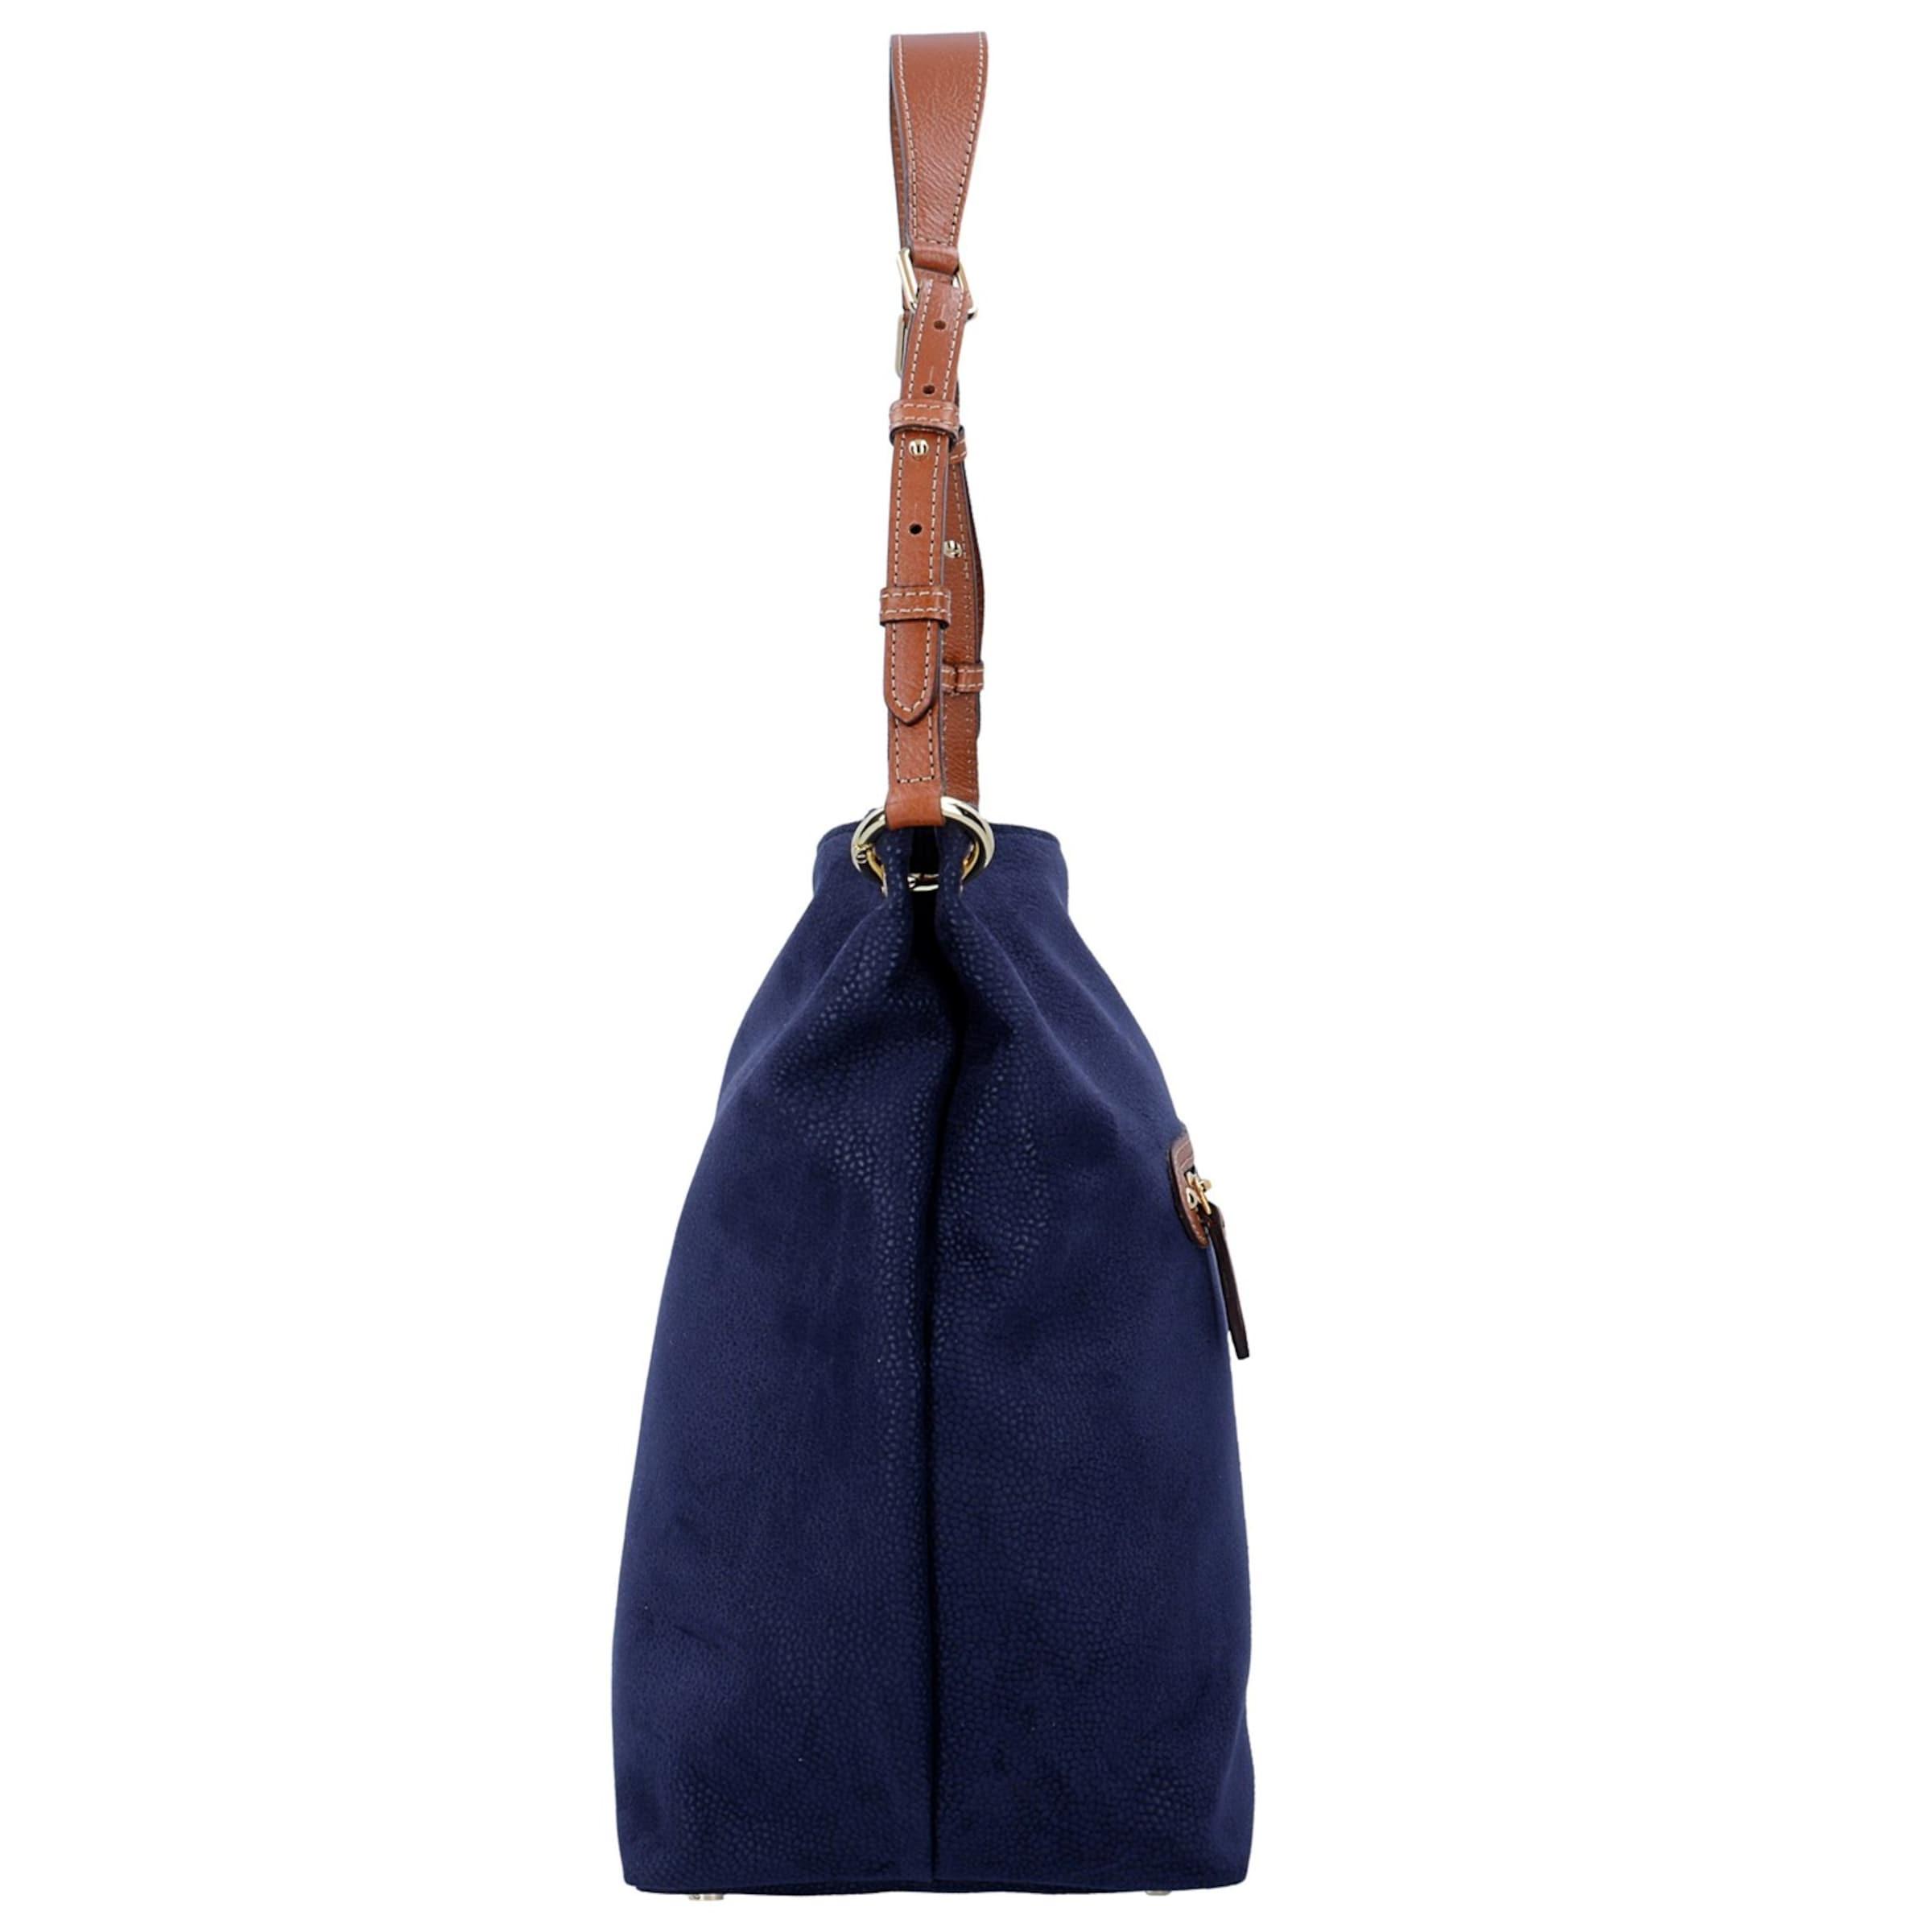 Bric's Life Sacca Shopper Tasche 31 cm Billig Verkauf Bestseller wZljX